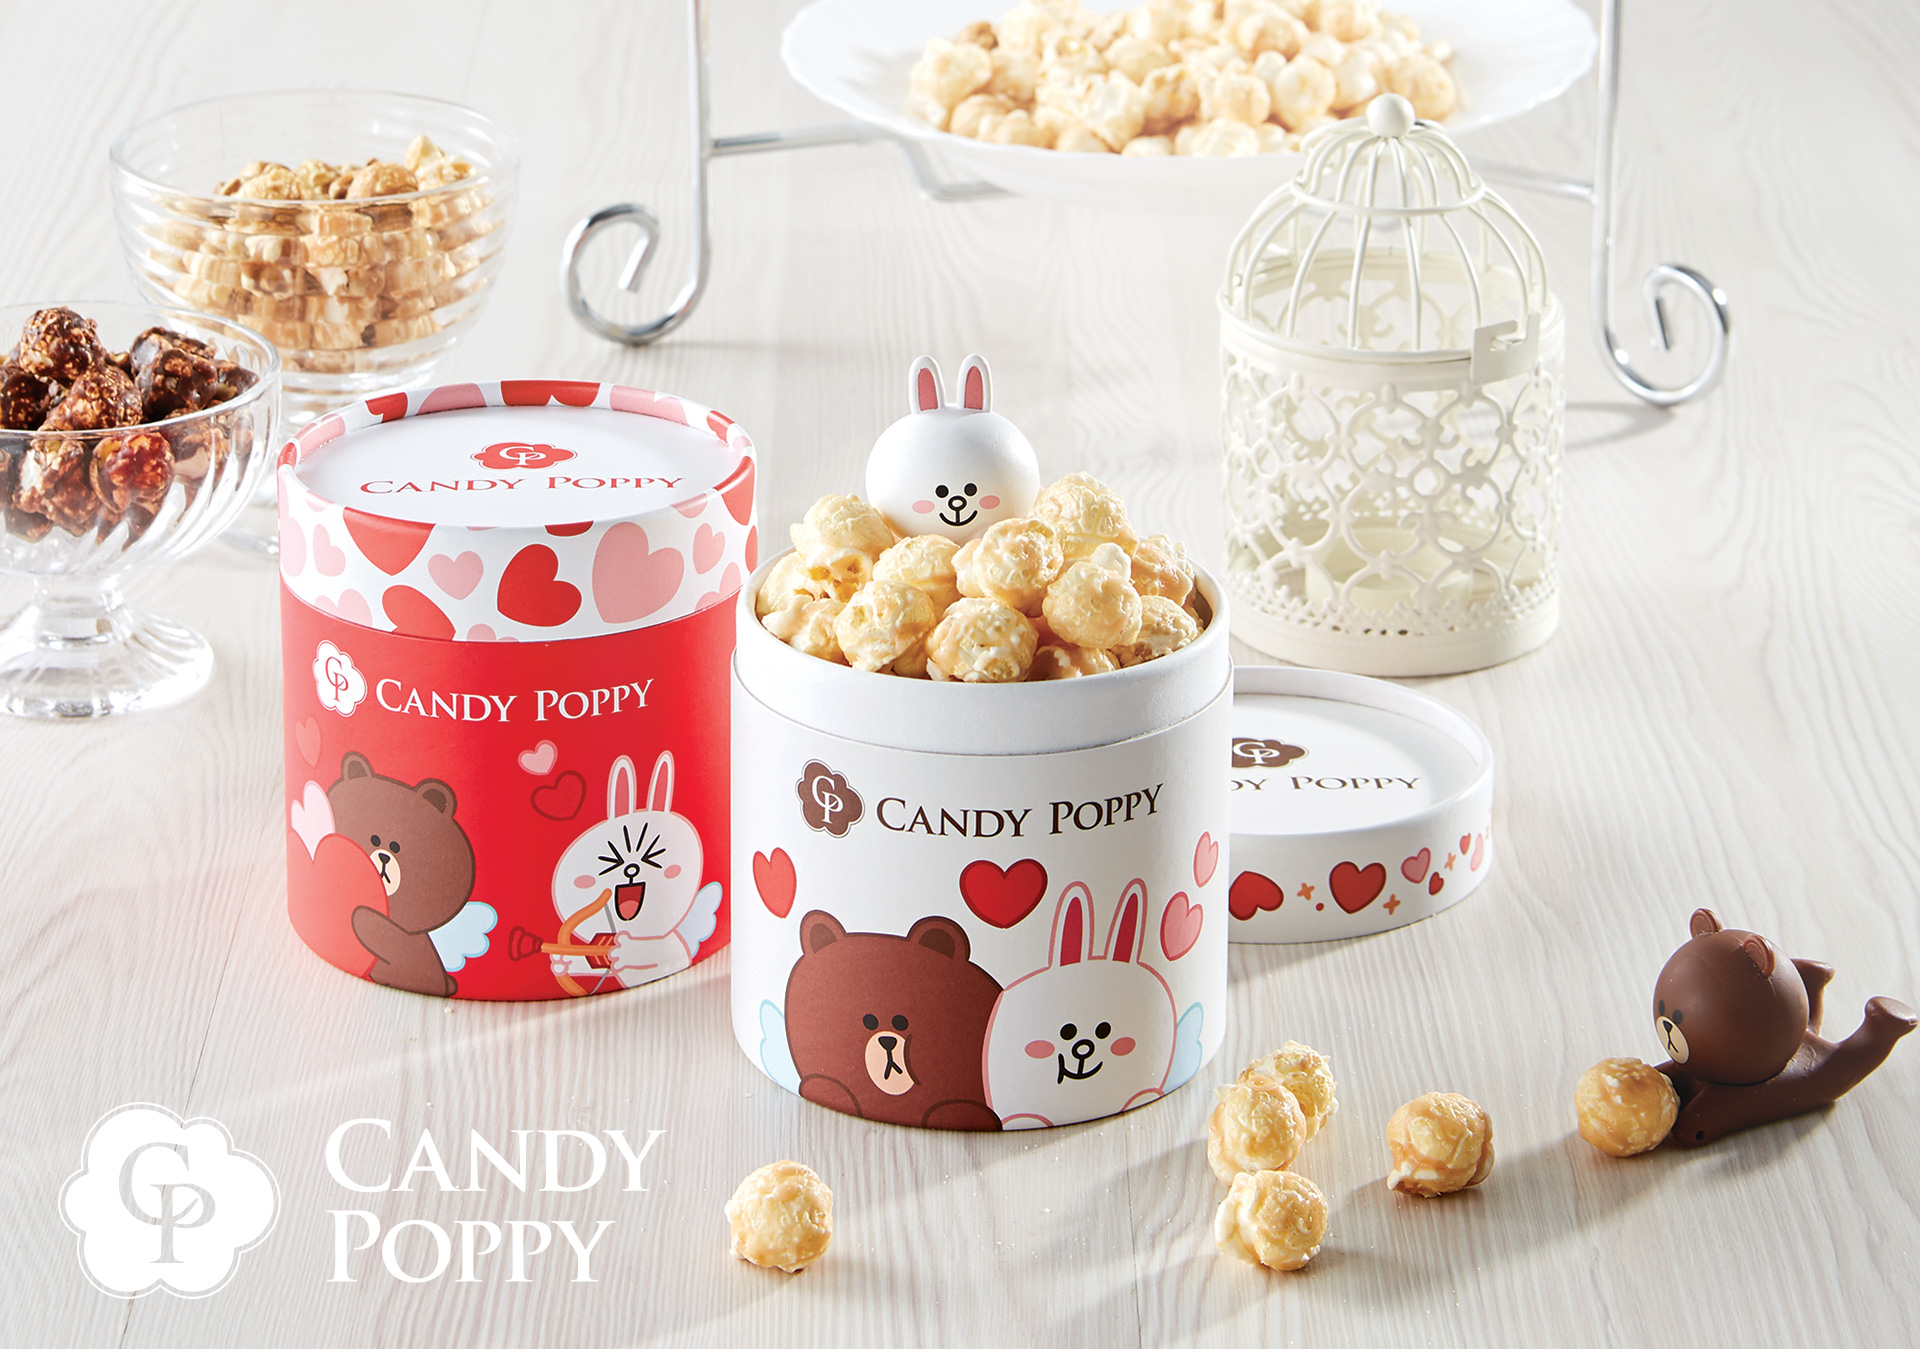 CANDYPOPPY和LINE FRIENDS的限量聯名婚禮小物爆米花罐